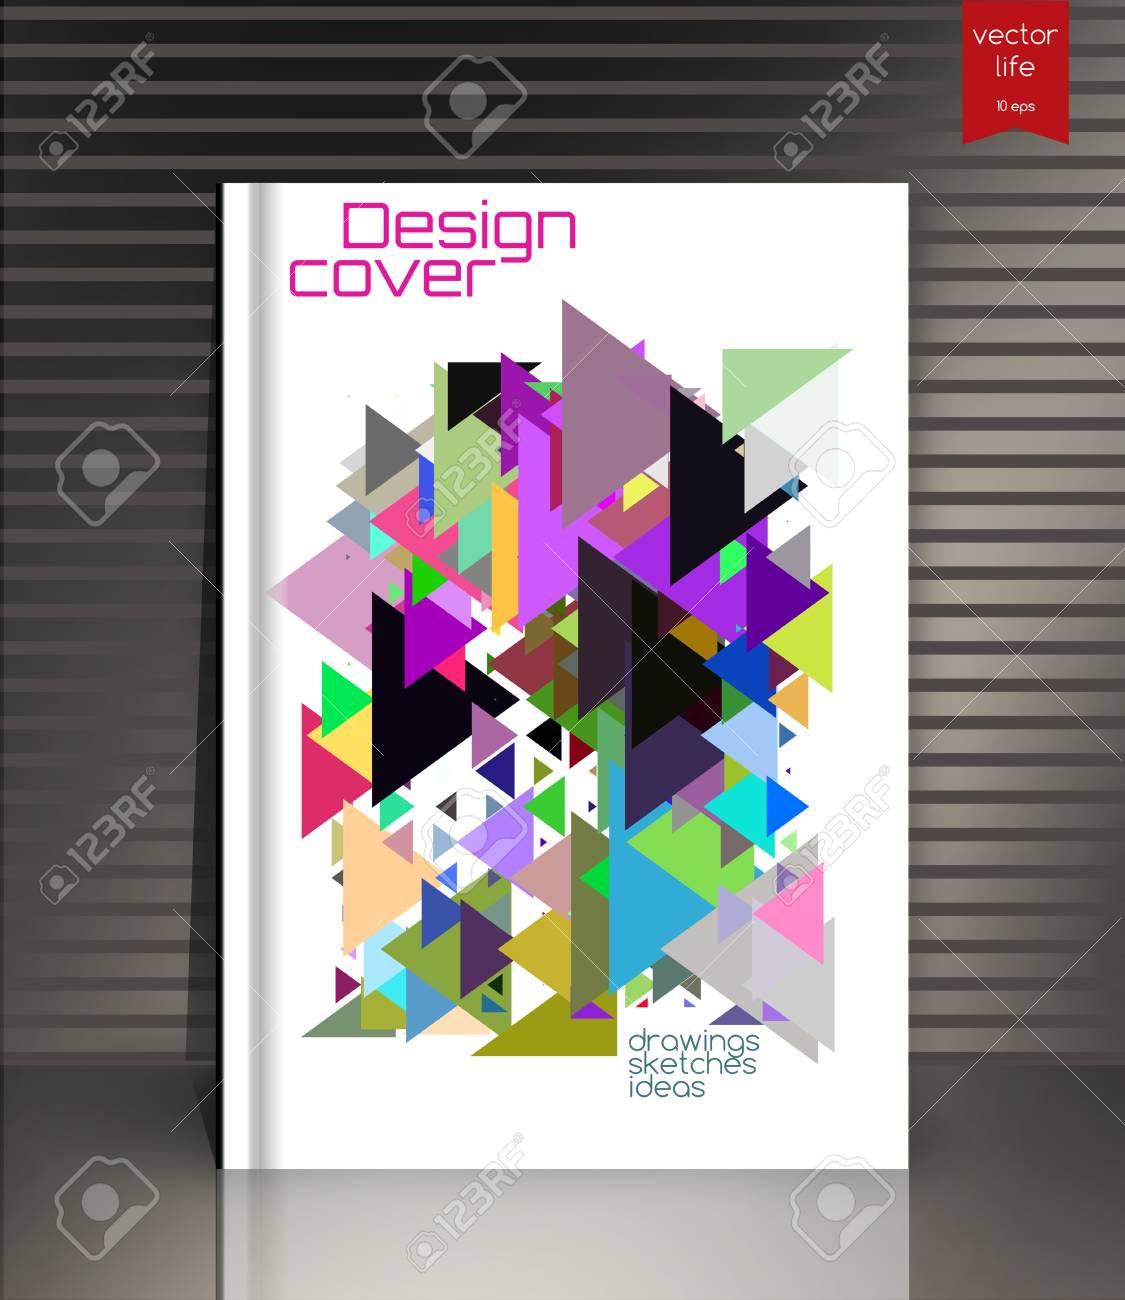 Atemberaubend Lesezeichen Designs Vorlage Bilder - Entry Level ...